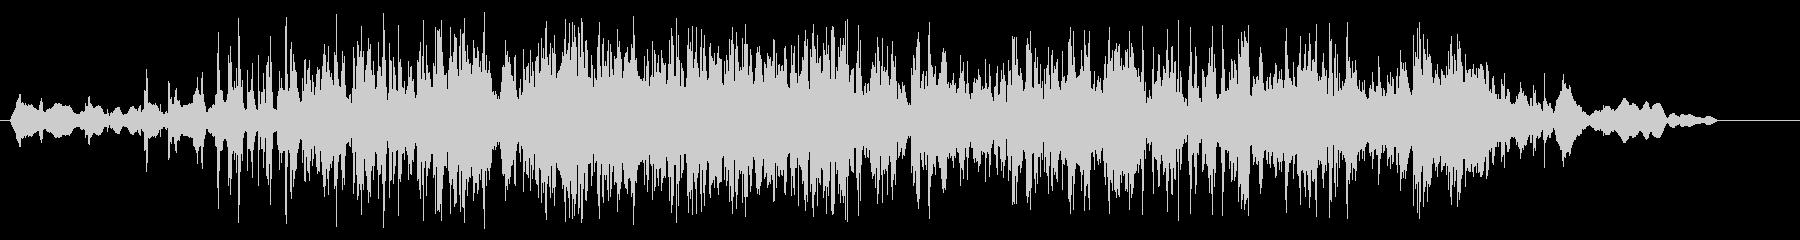 細々したものをばらまいた音の未再生の波形